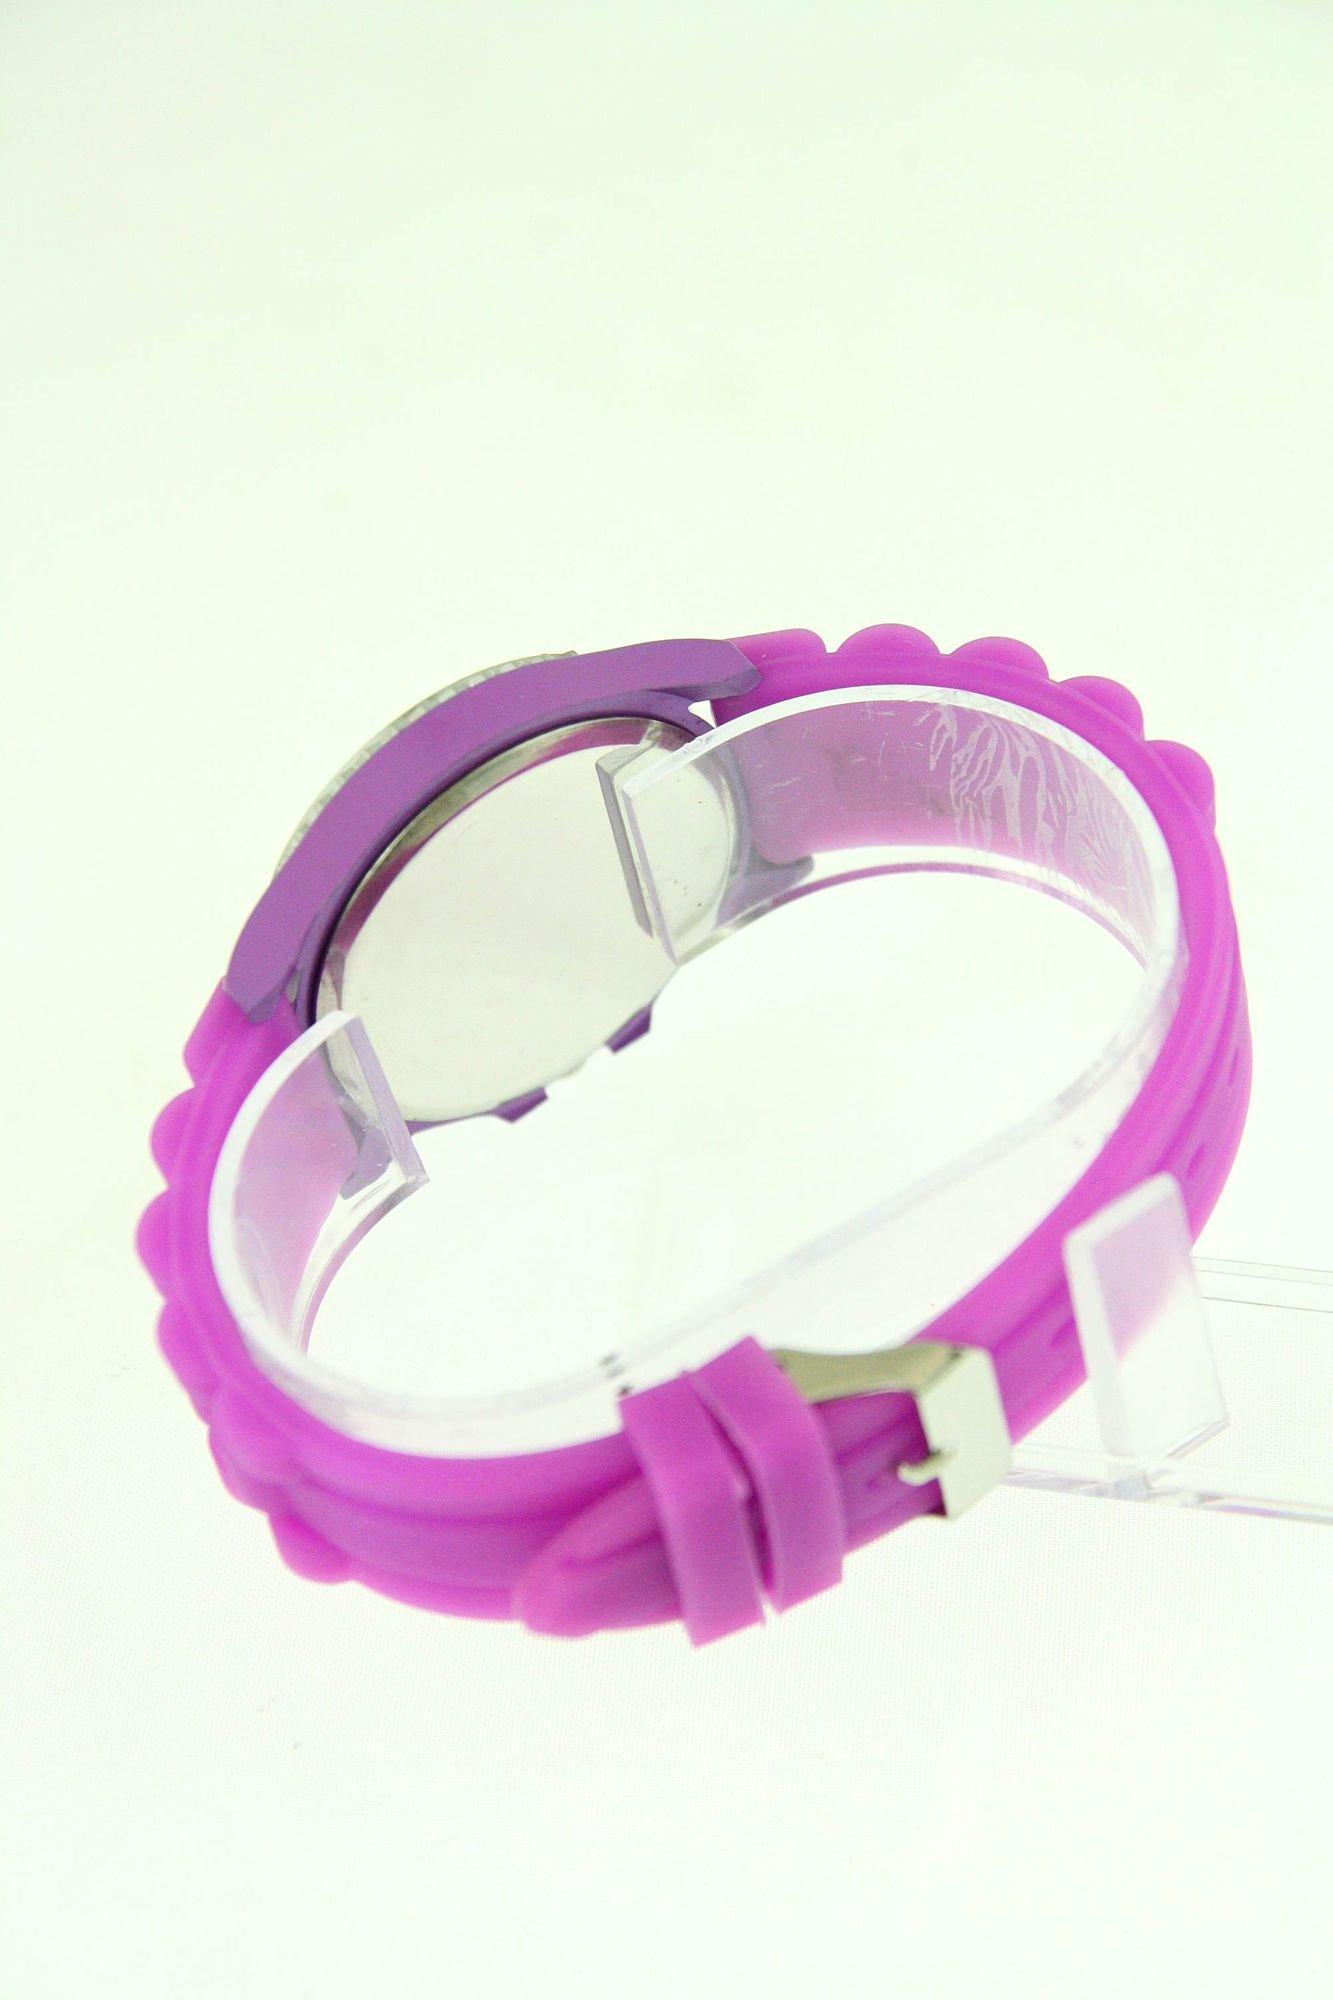 Fioletowy zegarek damski na silikonowym pasku                                  zdj.                                  3